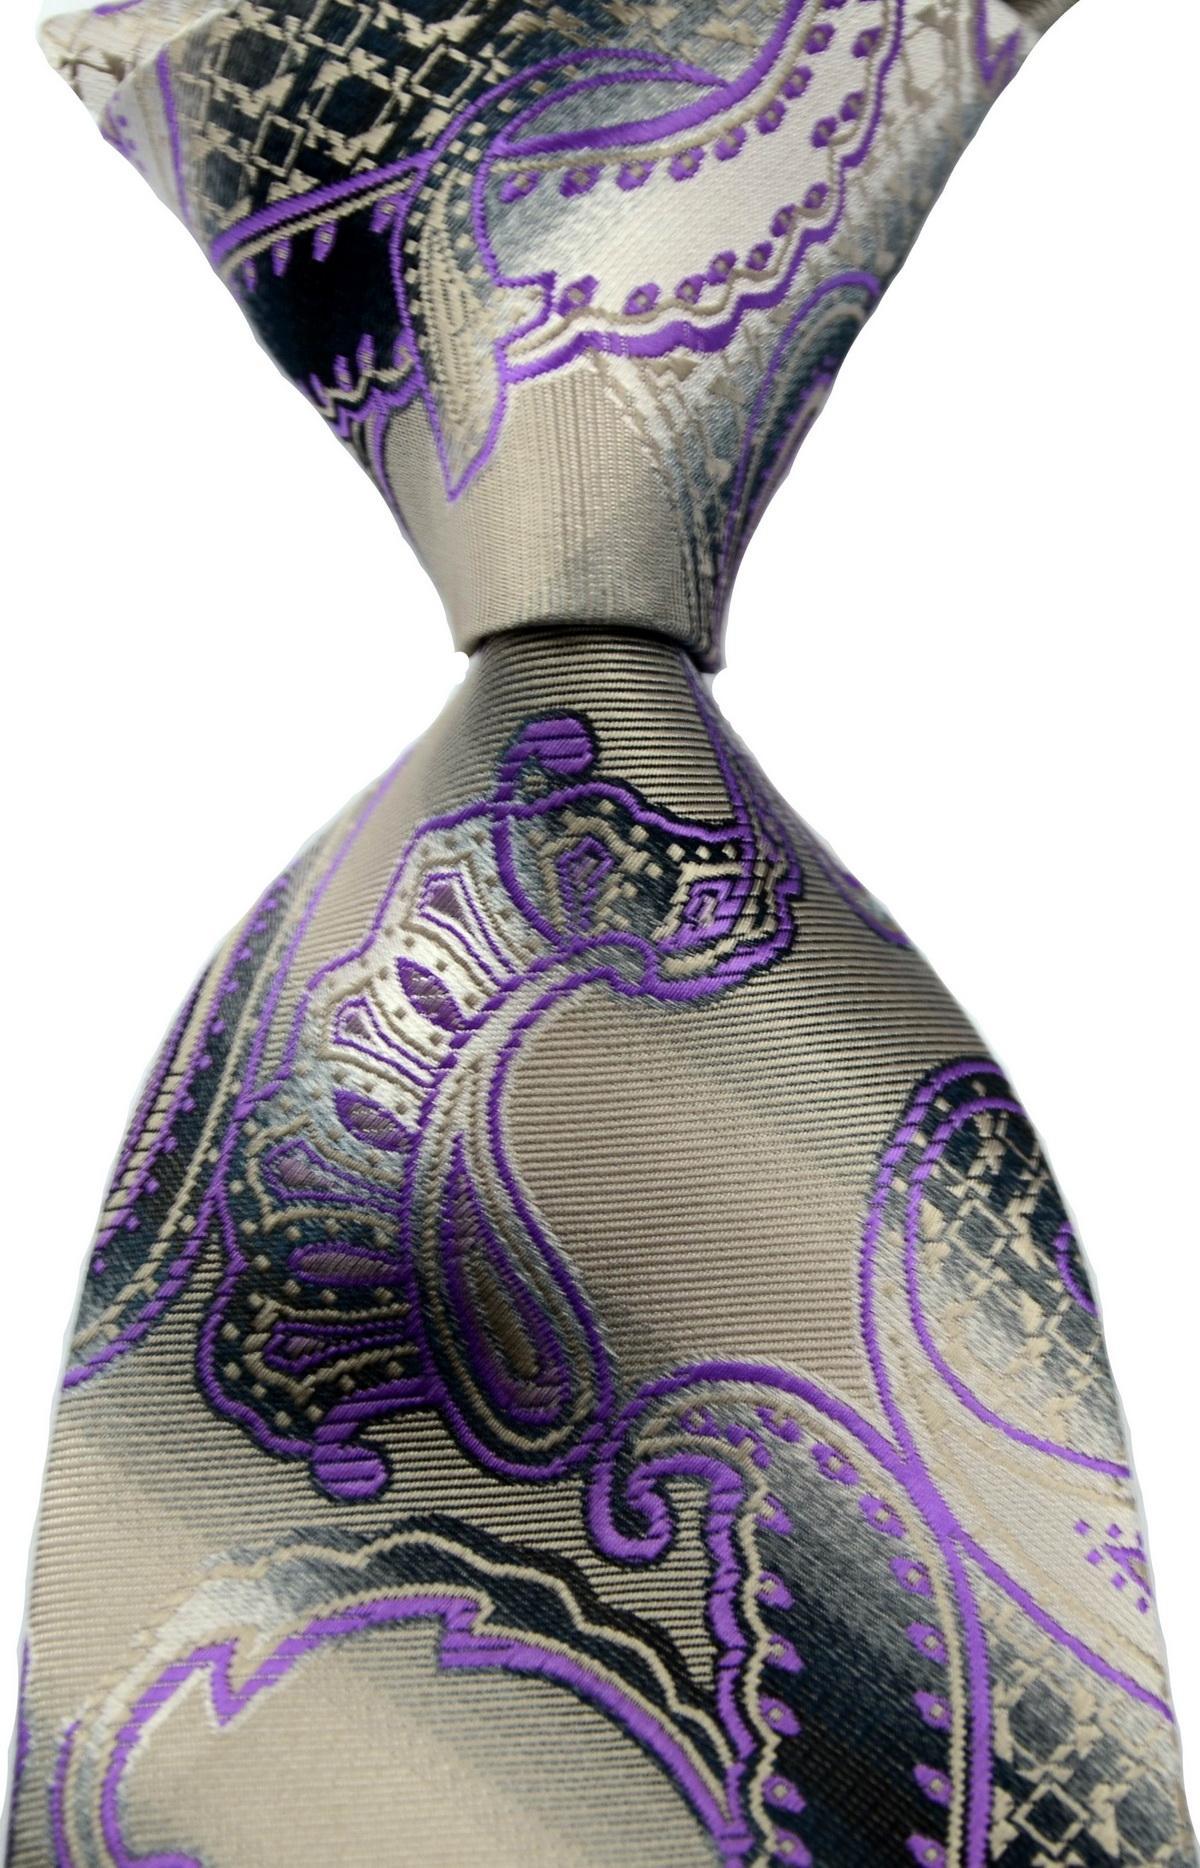 새로운 고전적인 남자 넥타이 100 % 실크 페이즐리 패턴 회색 보라색 자카드 짠 실크 넥타이 CSW37